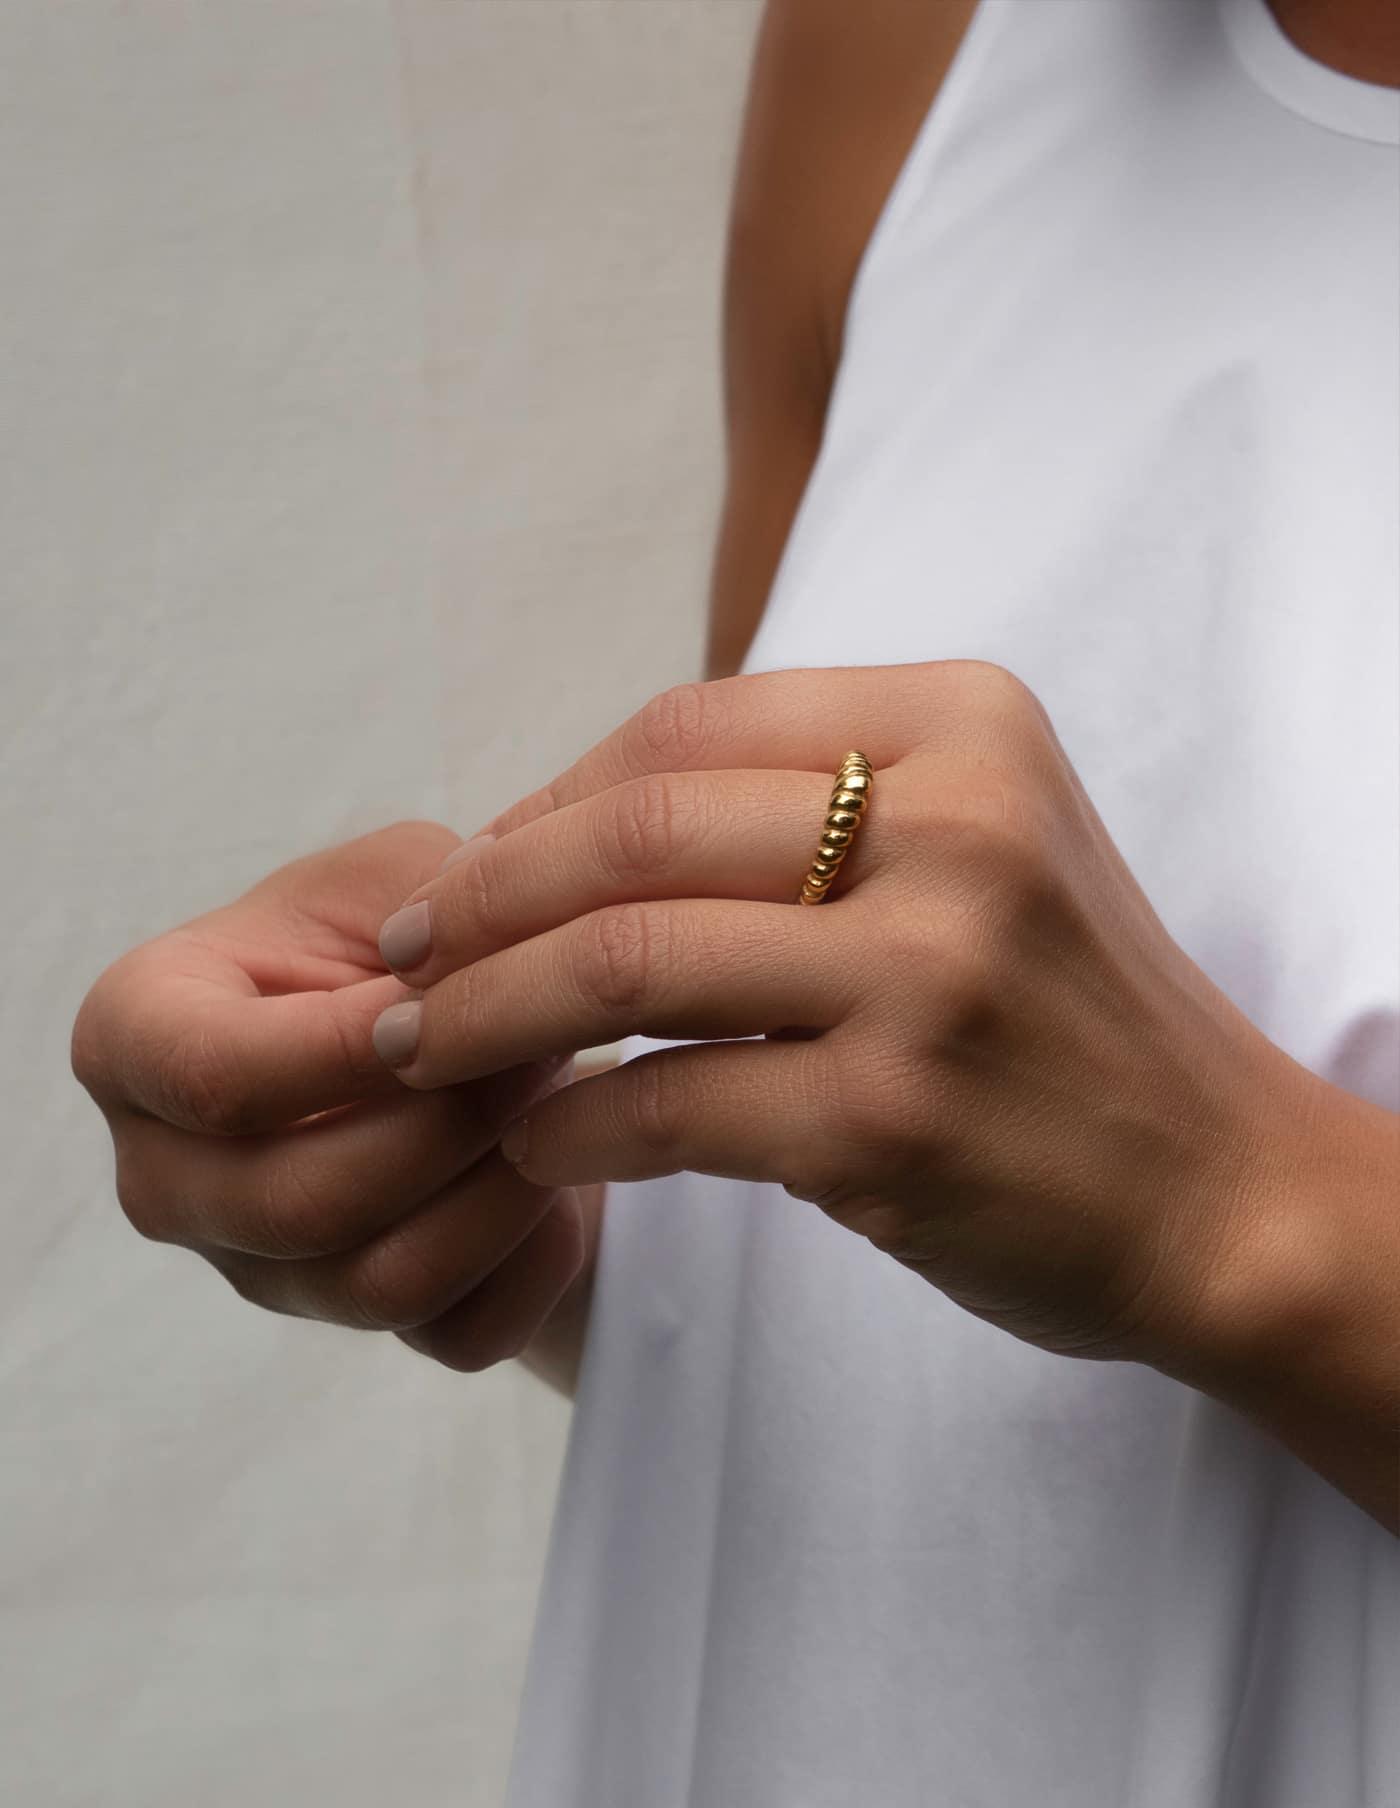 Gold Skinny Croissant Ring, Forever Lasting